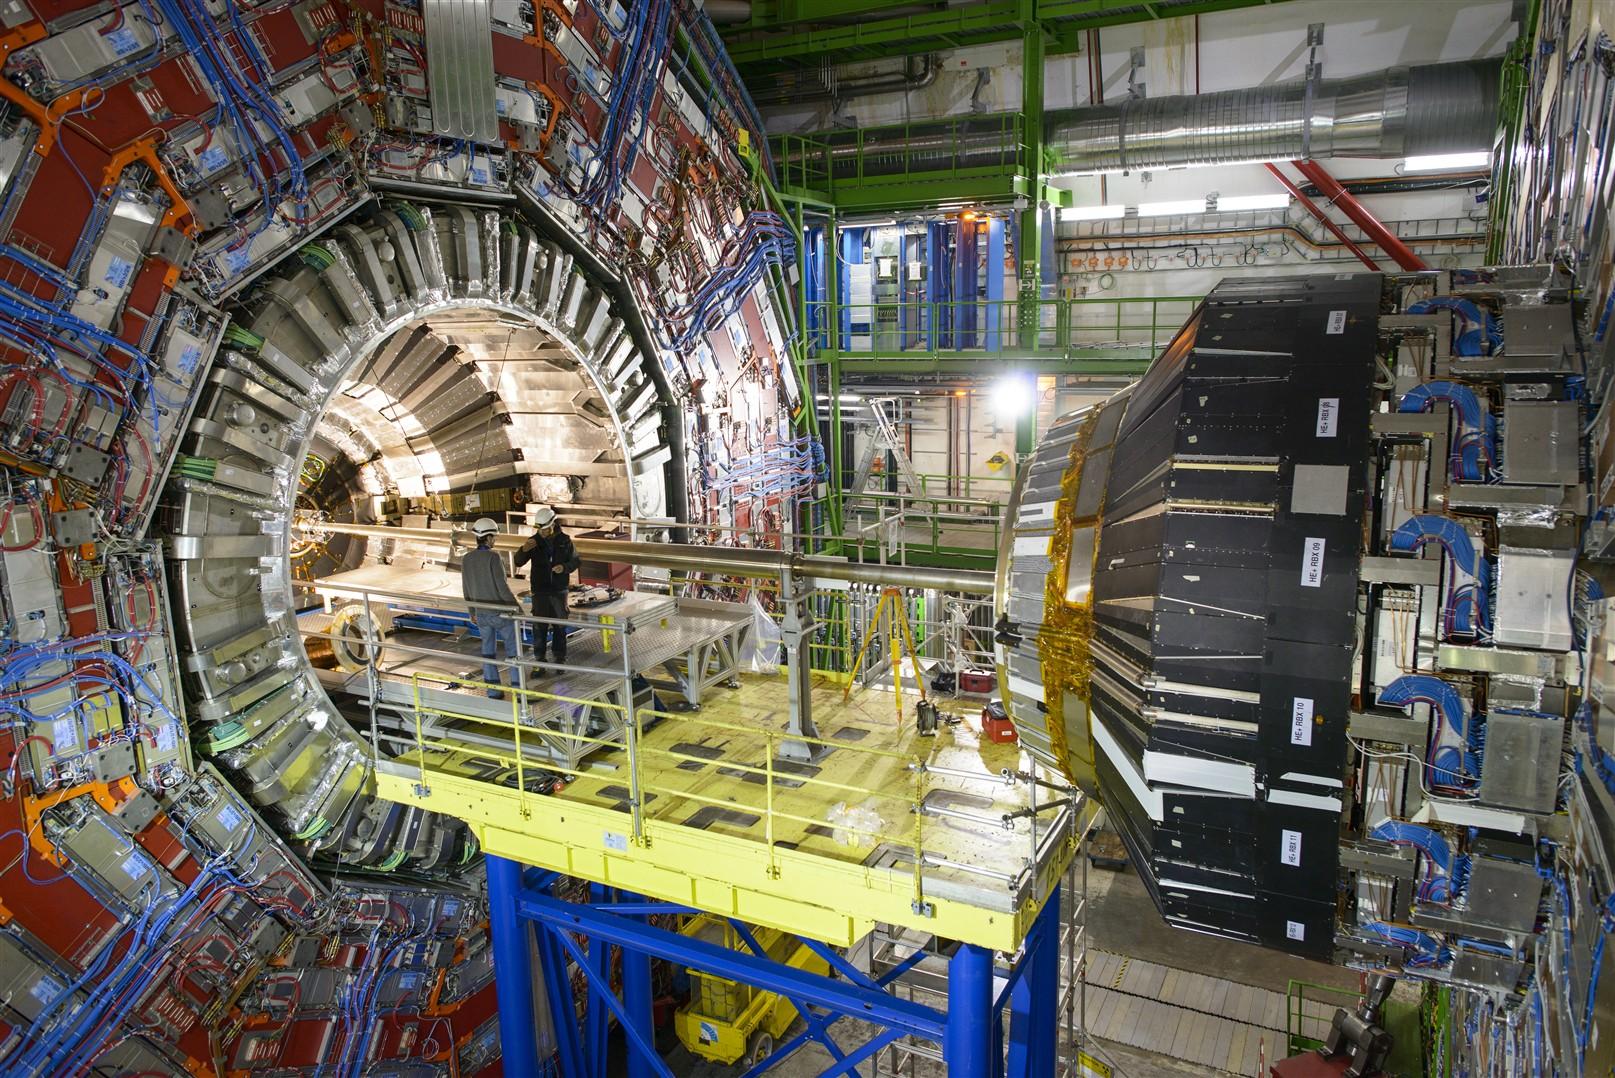 Cỗ máy gia tốc hạt lớn vùng ngoại ô Thụy Sĩ.